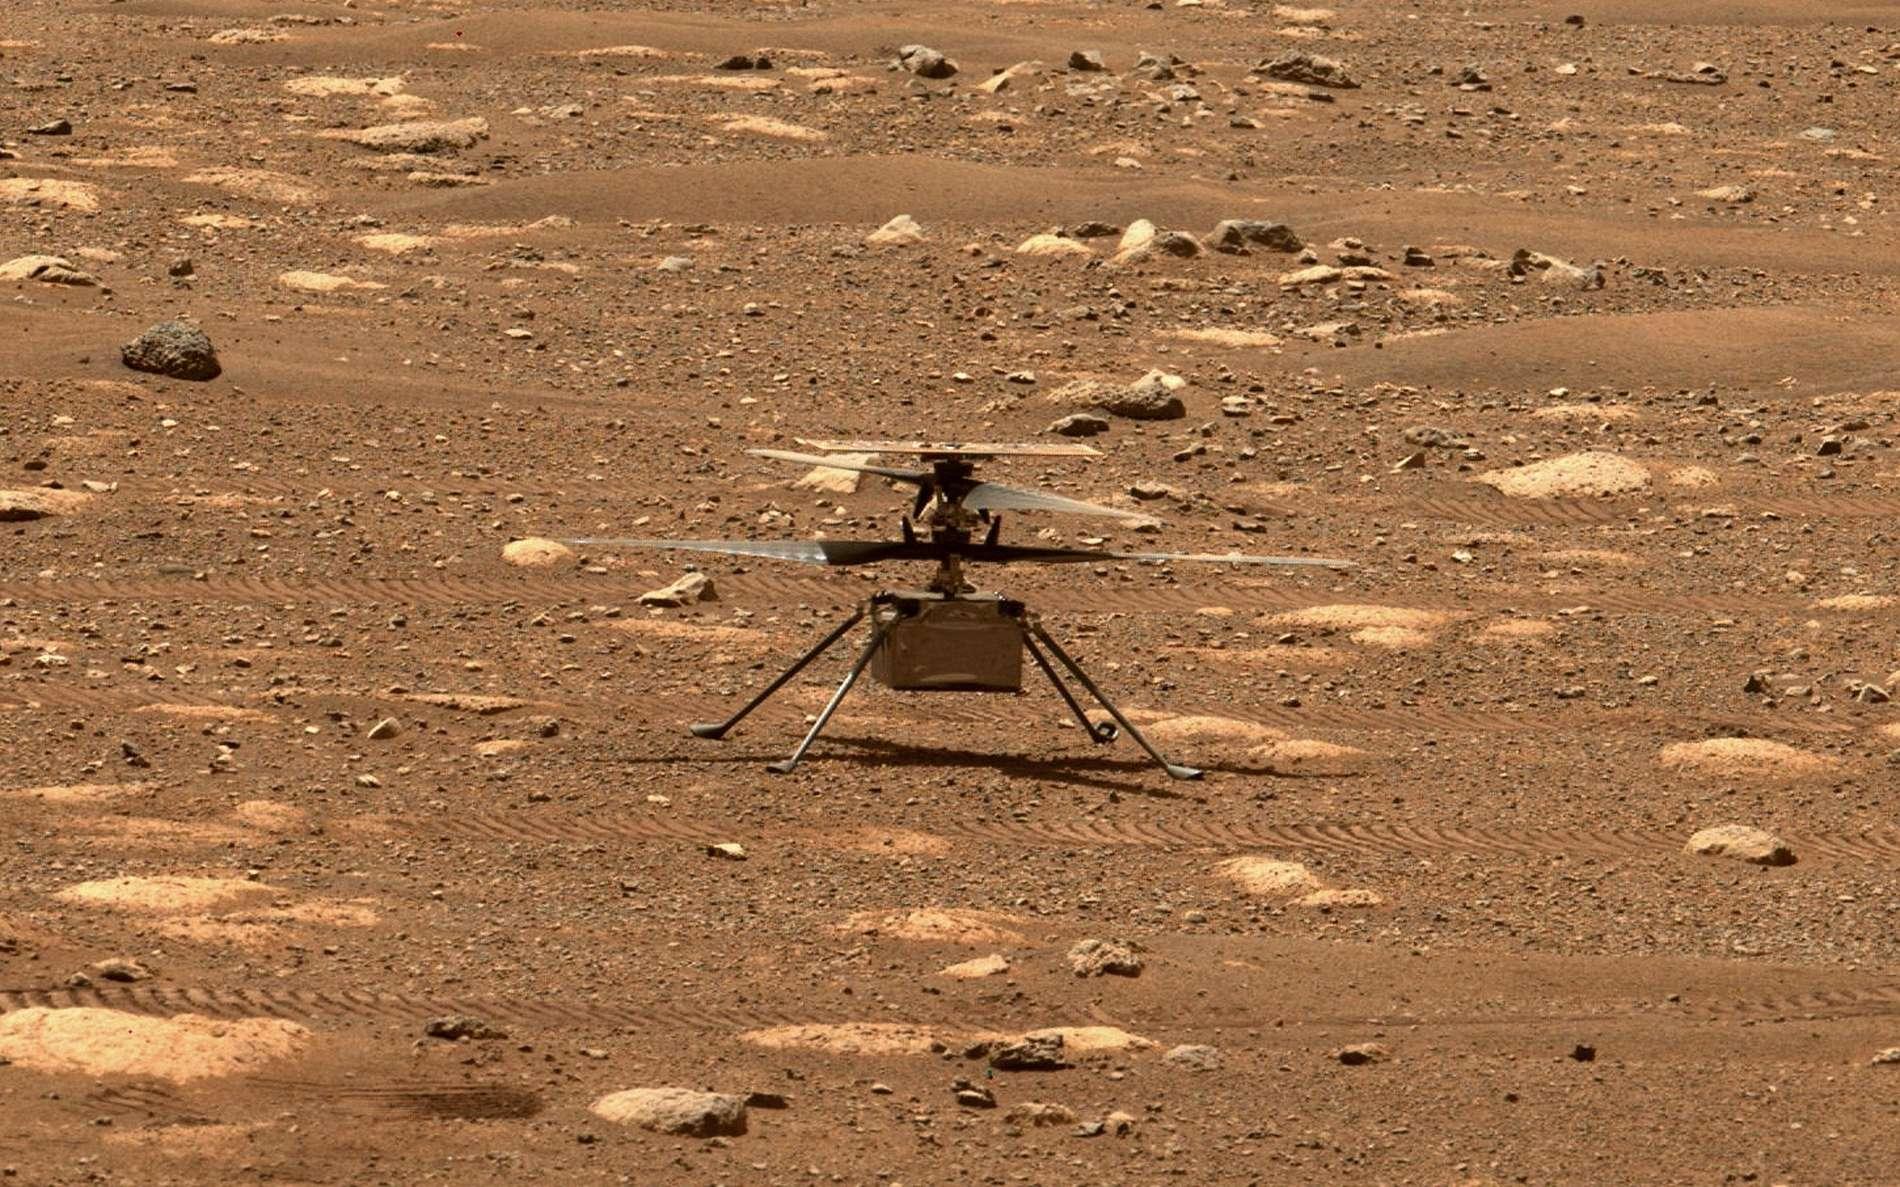 Ingenuity avec ses pales déployées photographié avec la Mastcam-Z de Perseverance. © Nasa, JPL-Caltech, ASU